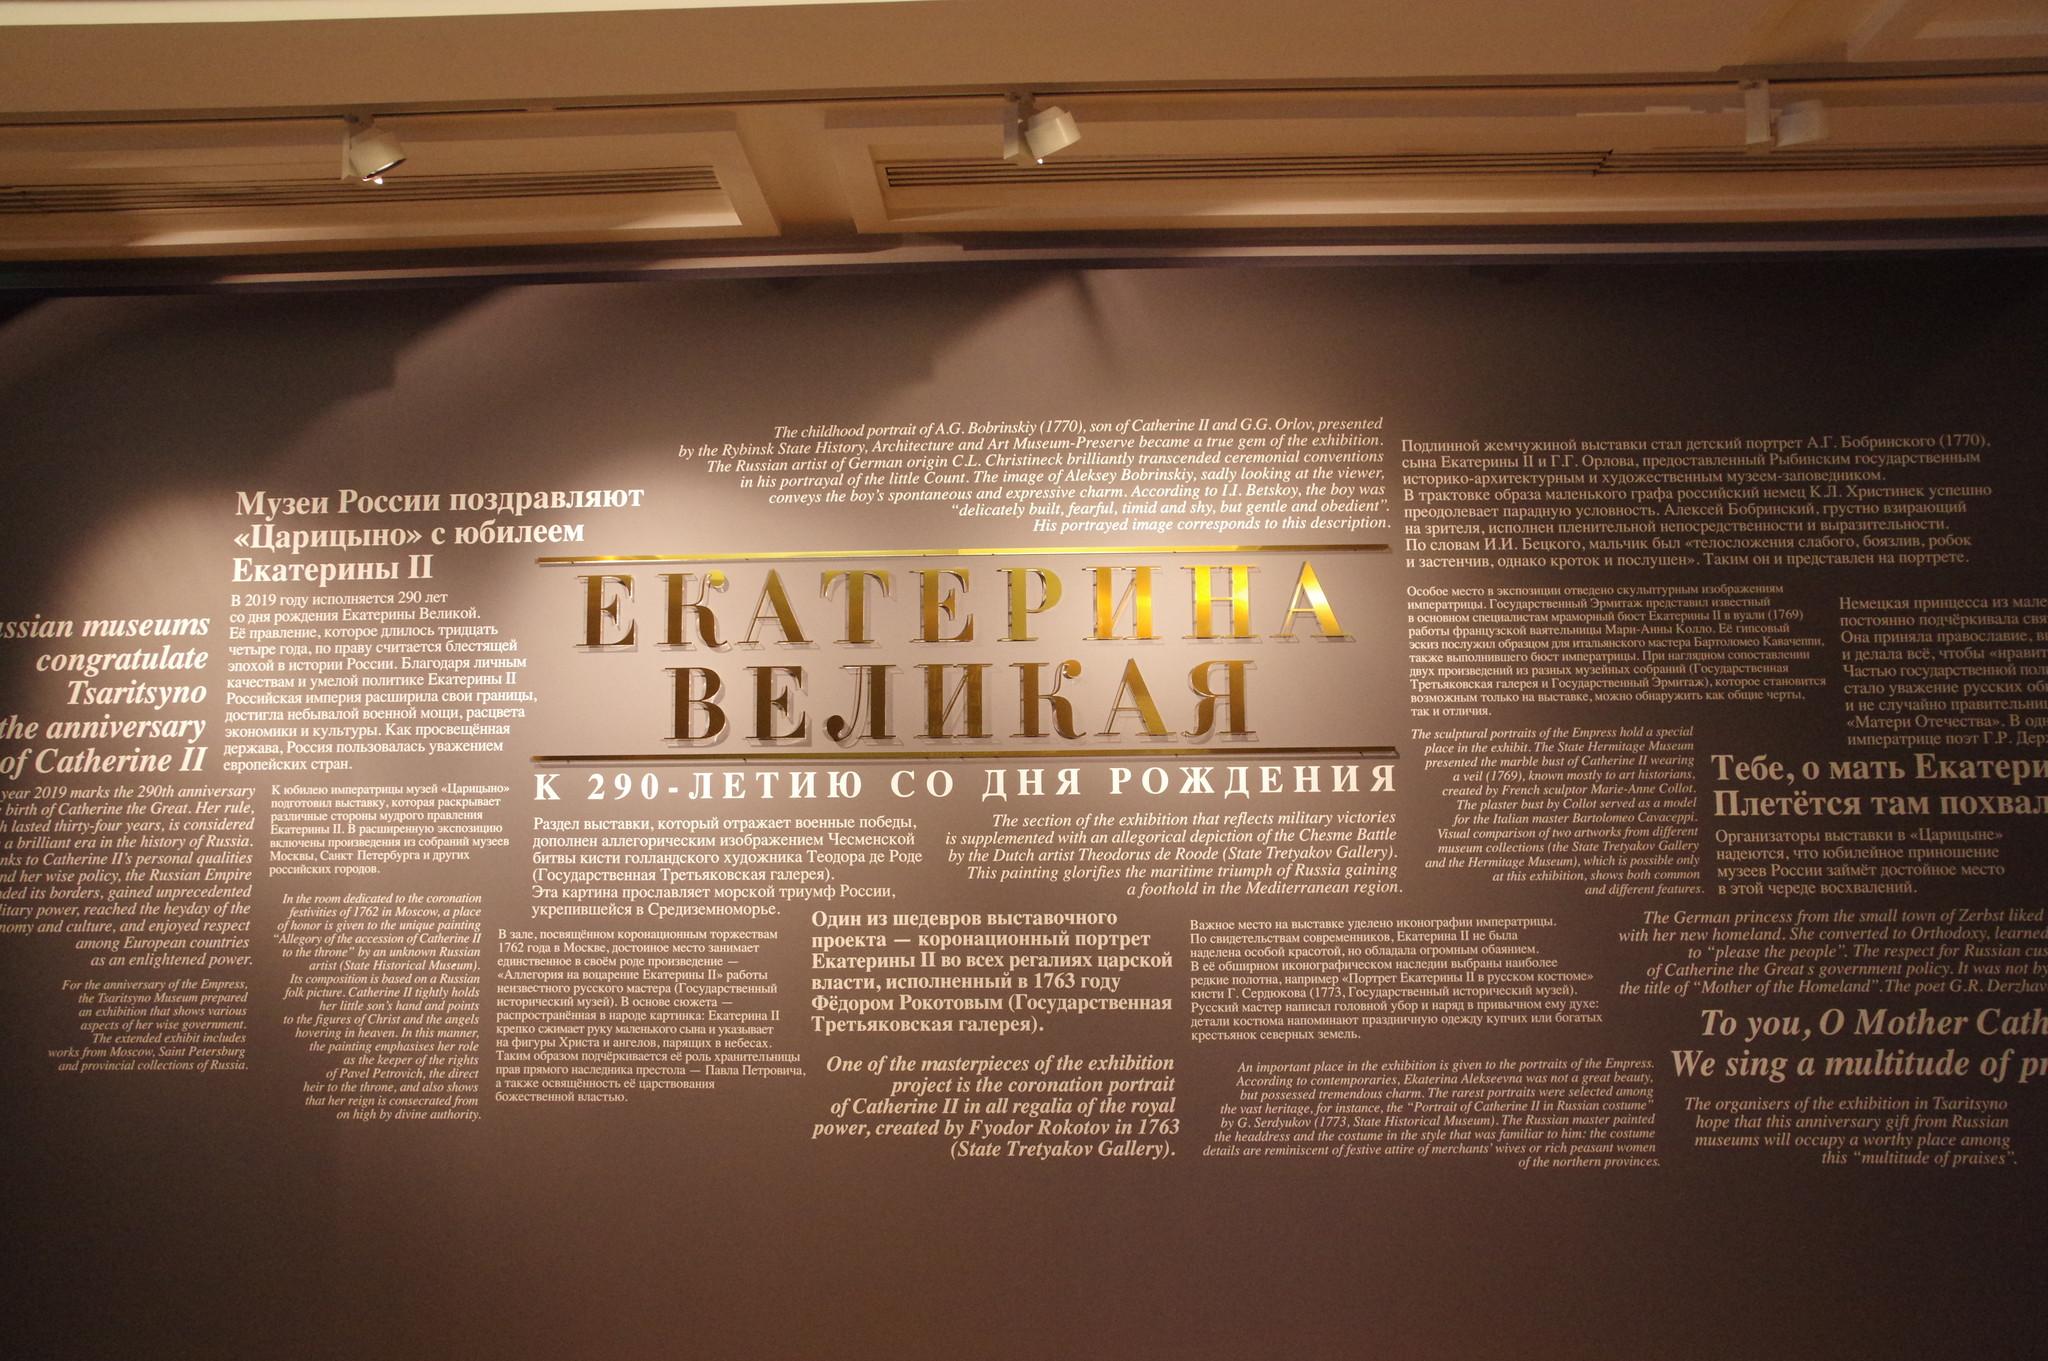 Экспозиция «Екатерина Великая. К 290-летию со дня рождения» в Большом дворце музея-заповедника «Царицыно»